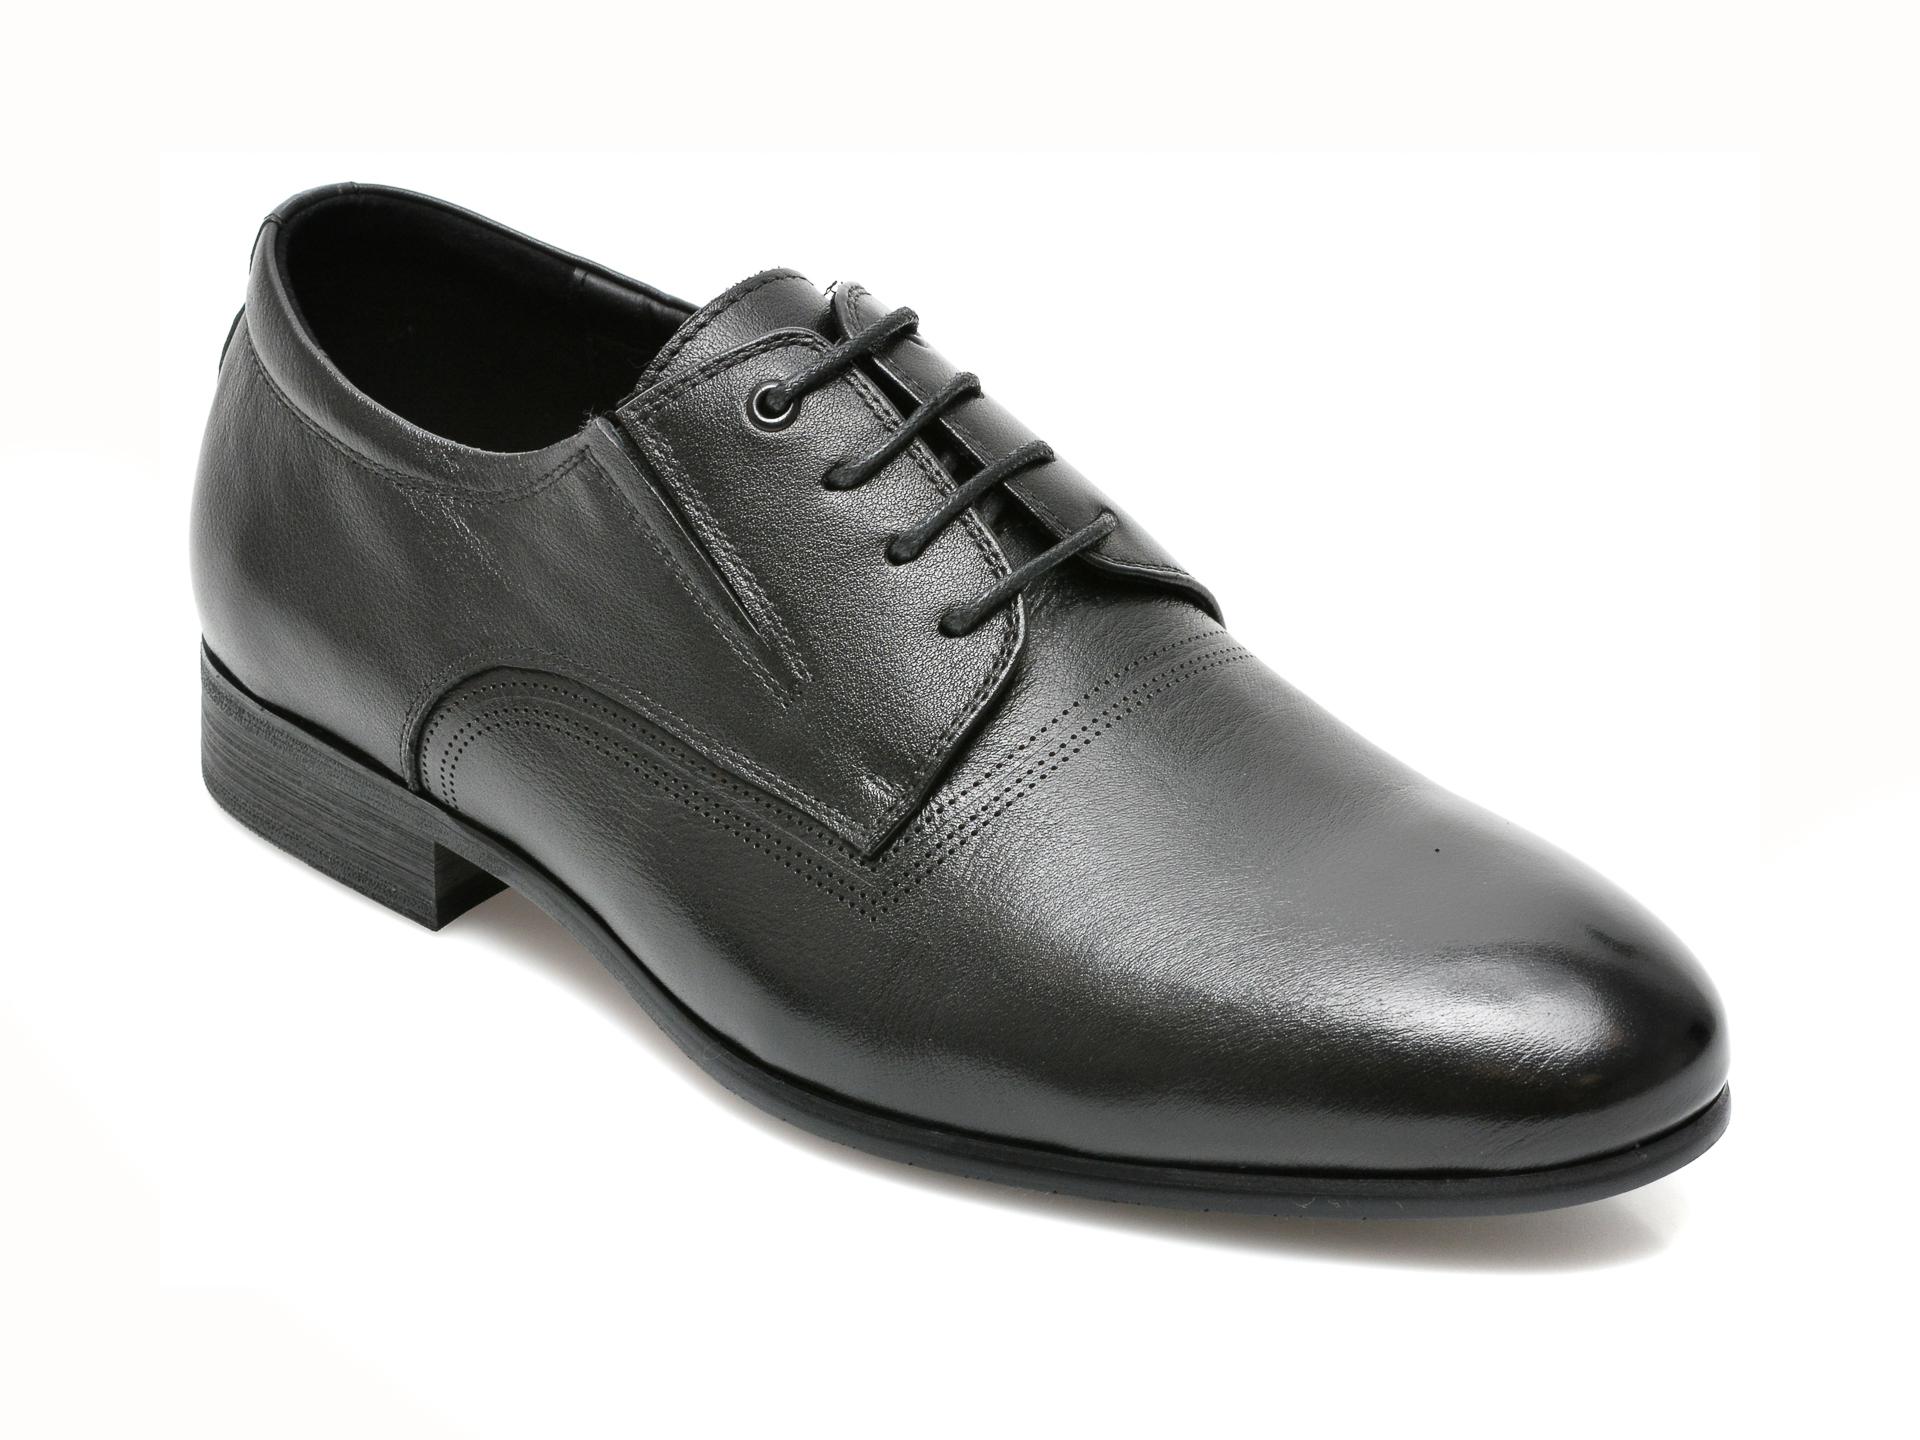 Pantofi CARIBU negri, F335692, din piele naturala